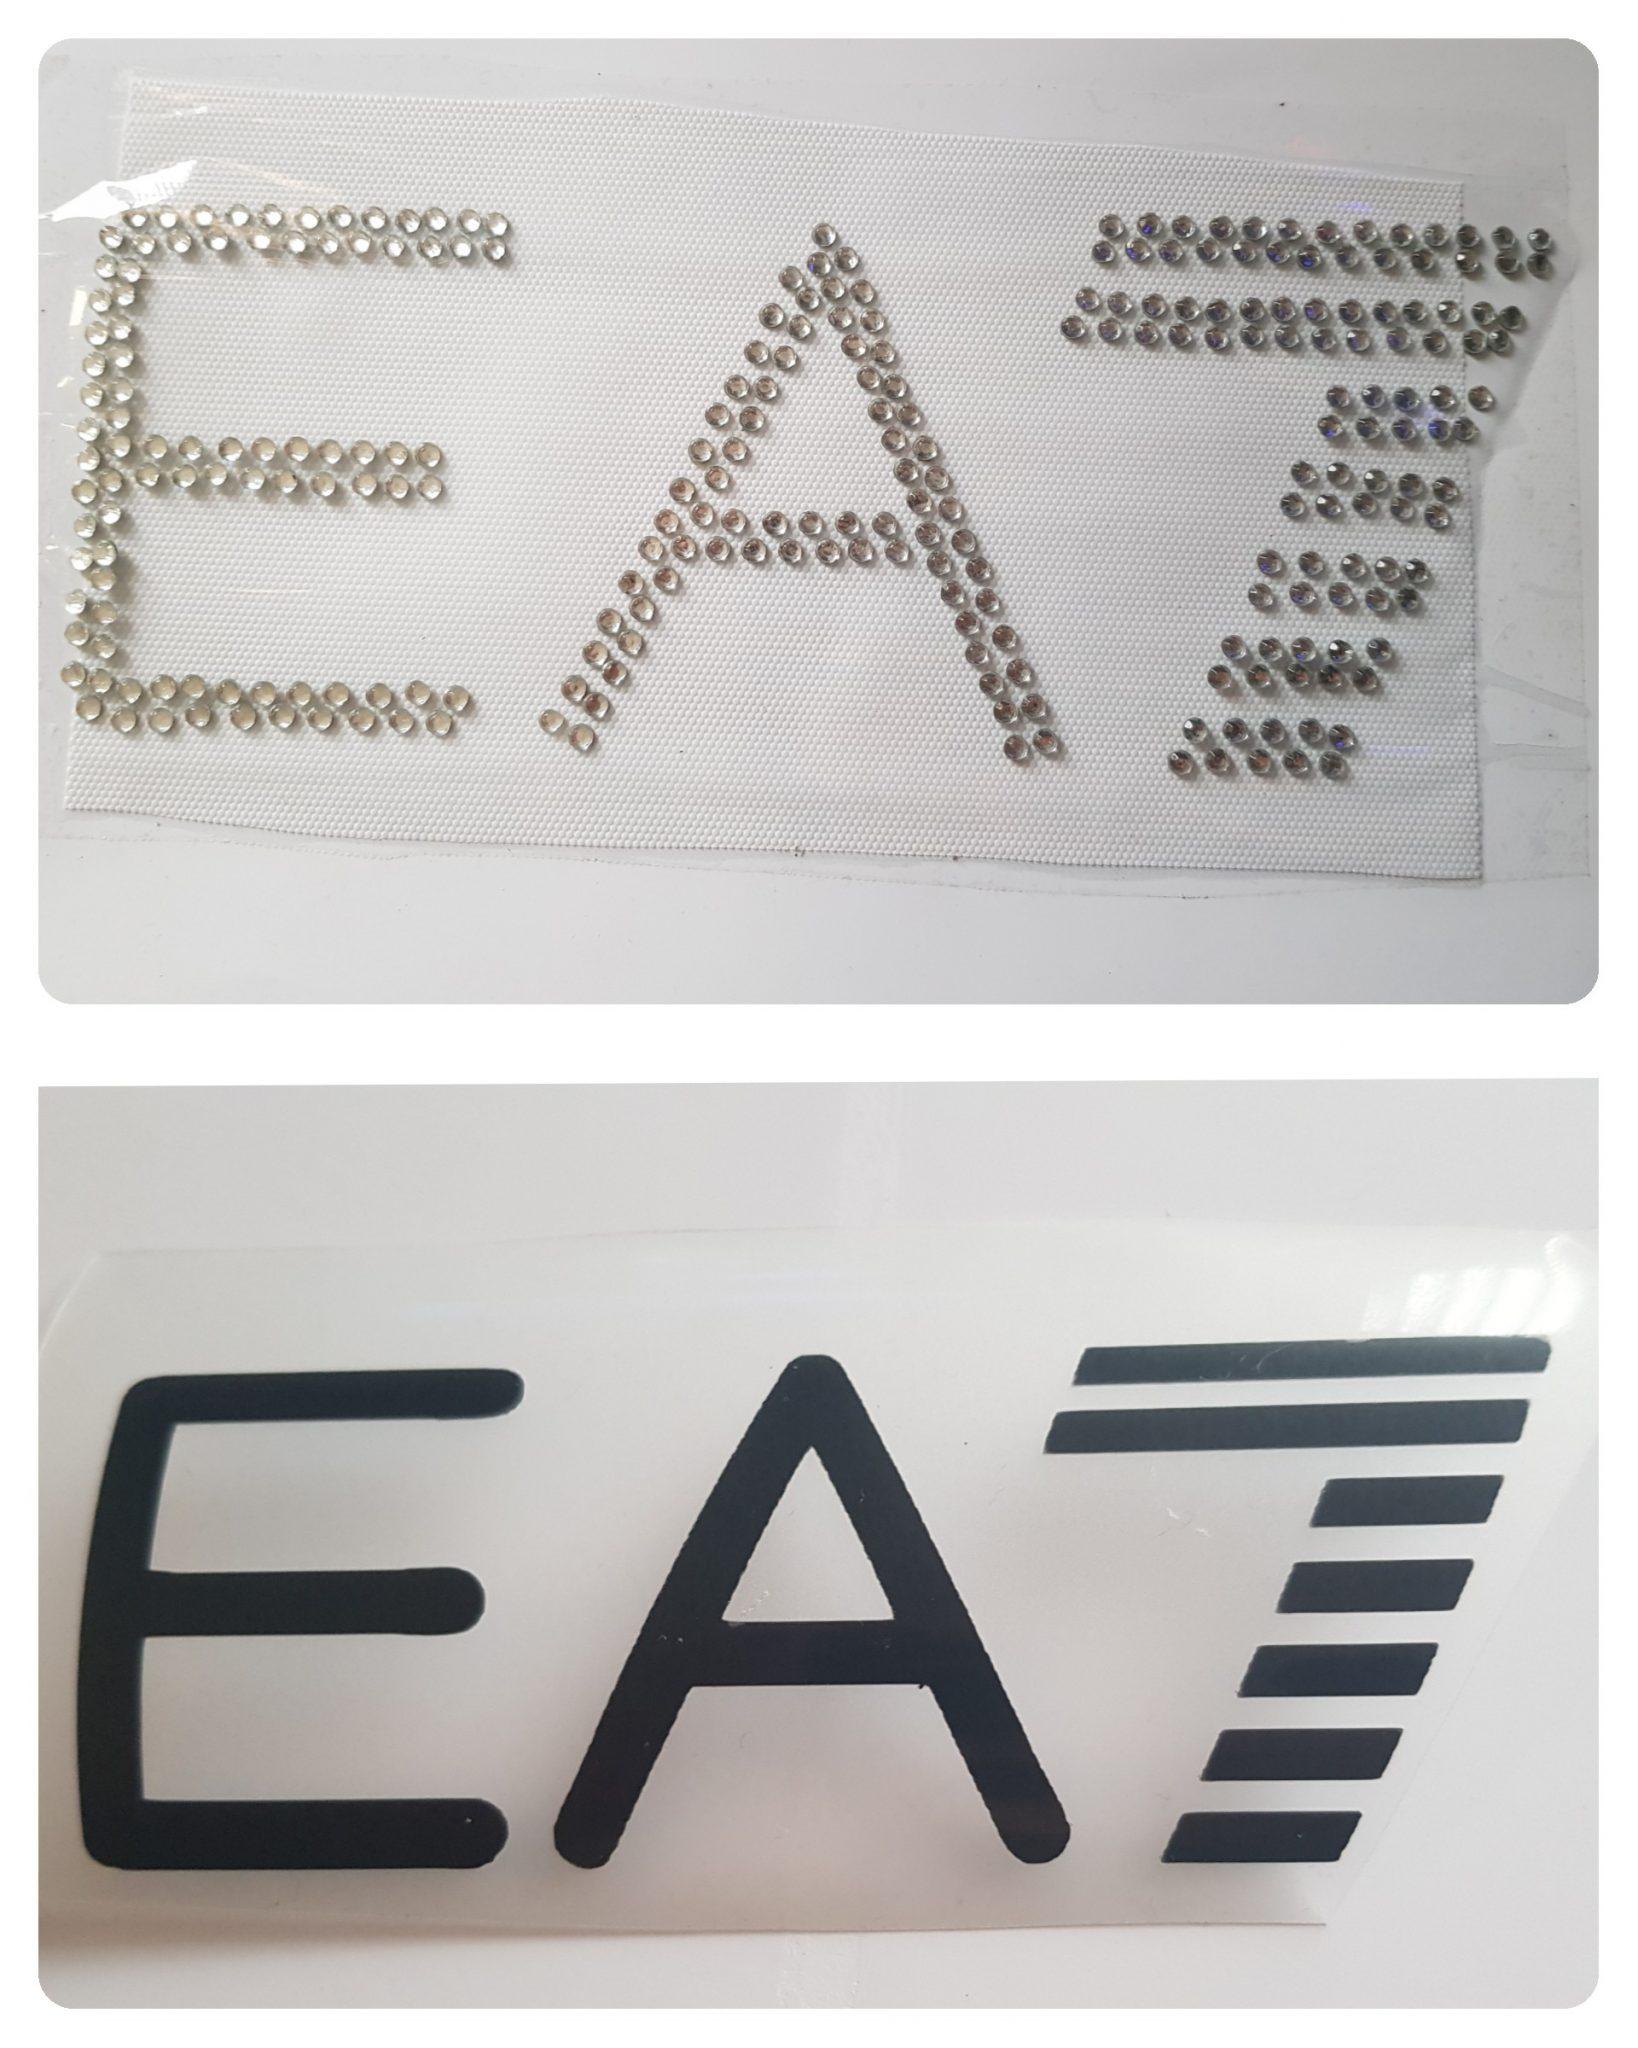 EA7 transfer